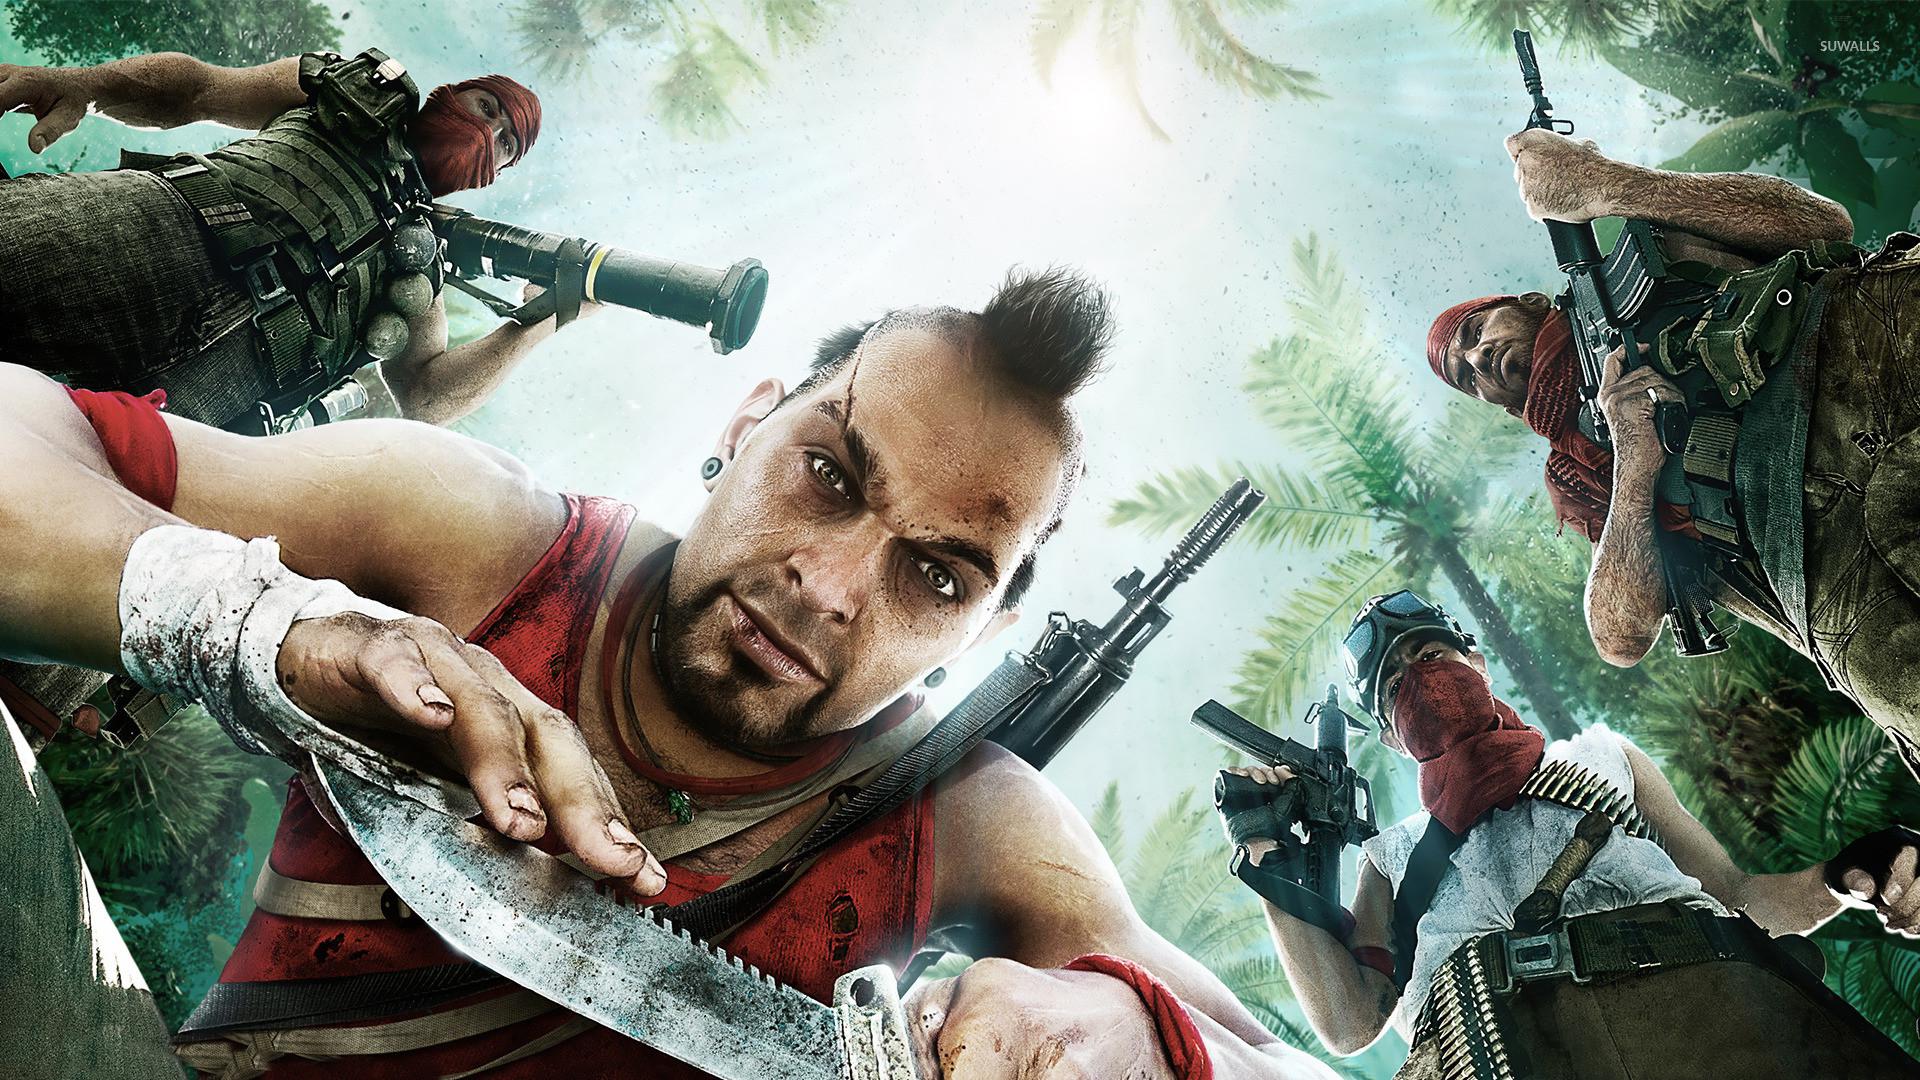 Vaas – Far Cry 3 [2] wallpaper jpg